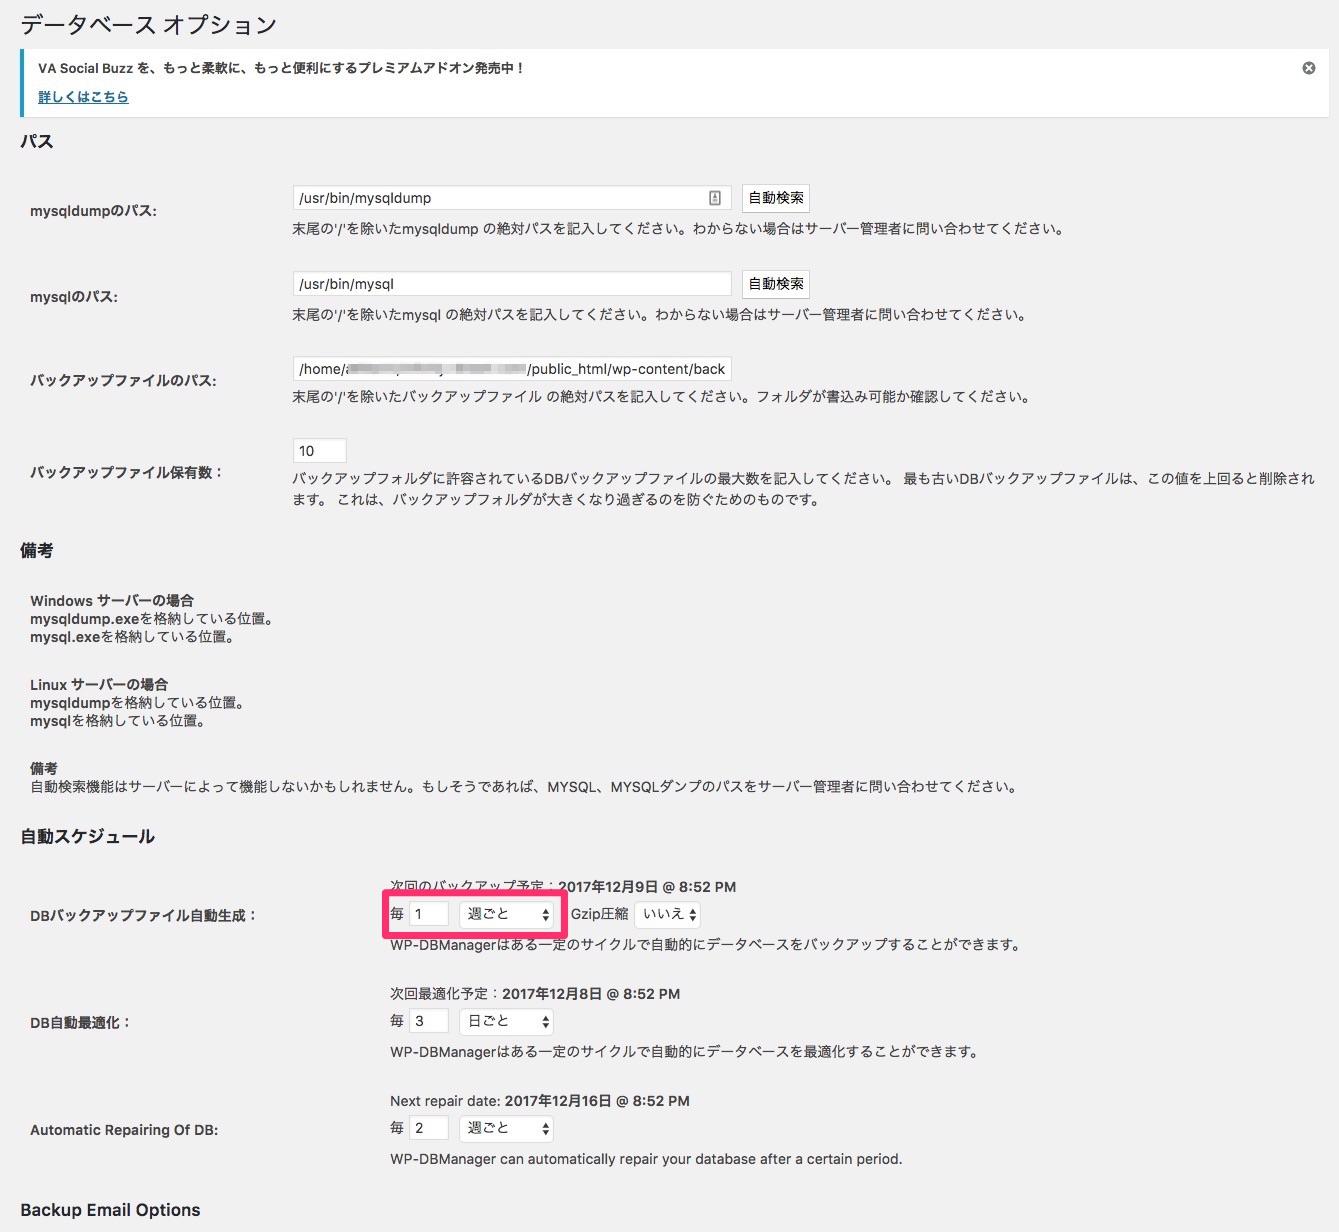 【2017年版】WordPressのデータベースのバックアップを取るWP-DBManagerの日本語化と使い方